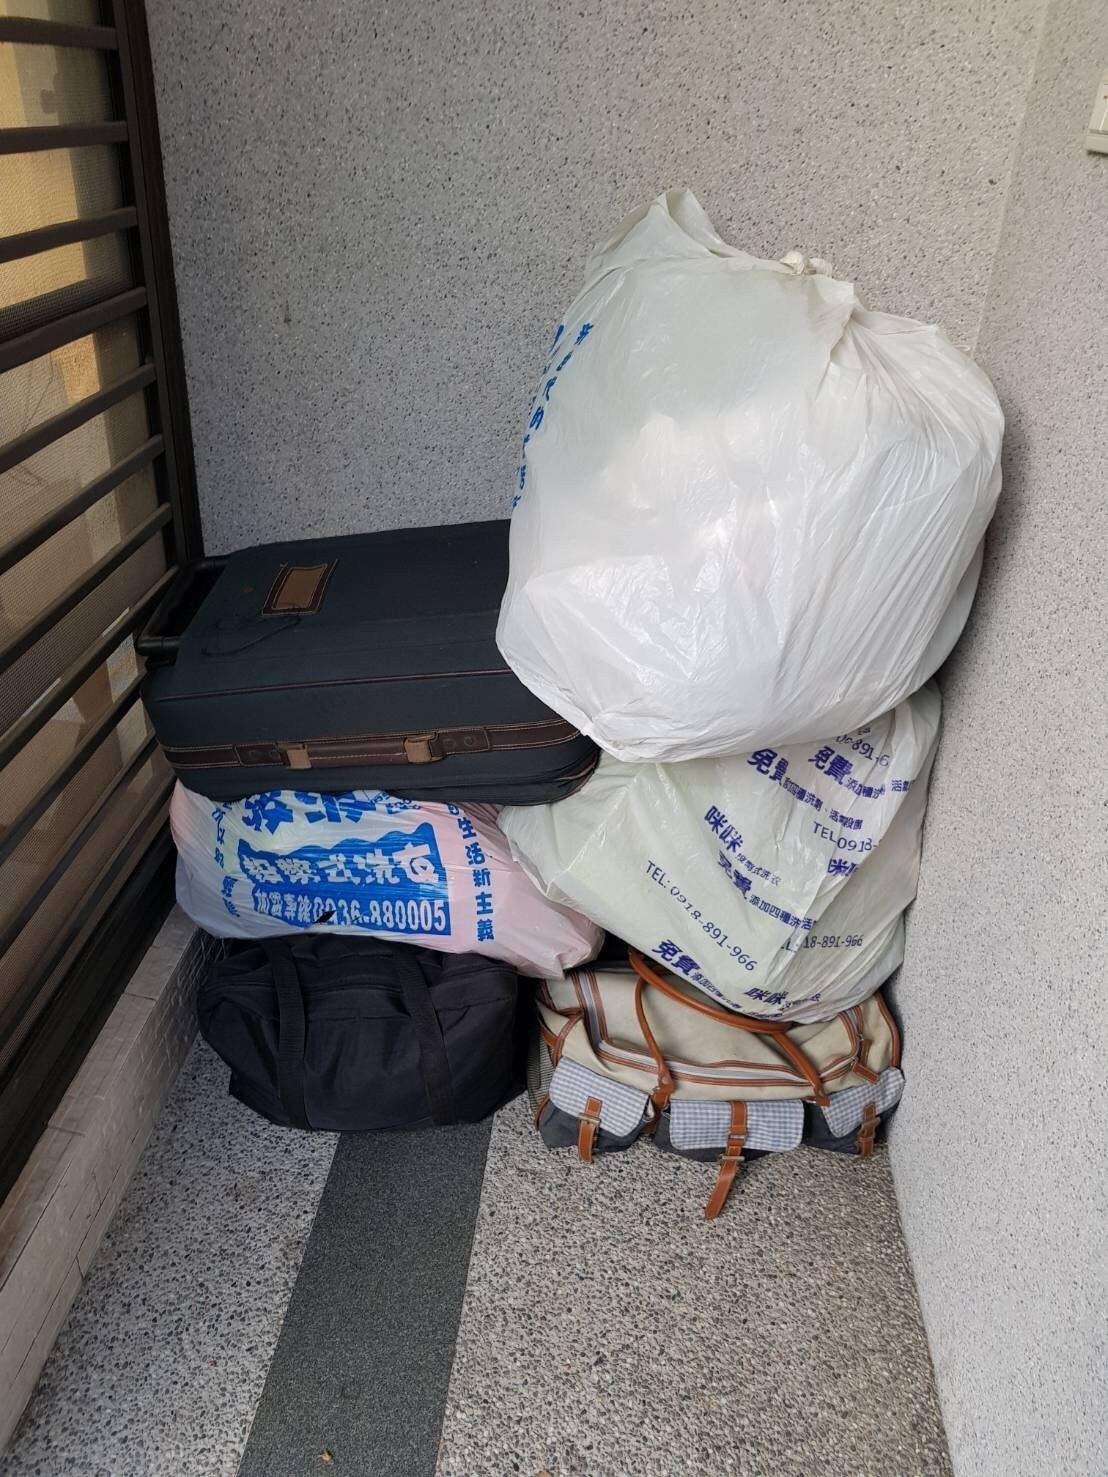 警方發現歐騎機車時,載運行李箱等物品,懷疑是贓物,上前盤查時候,歐騎著偷的機車。...